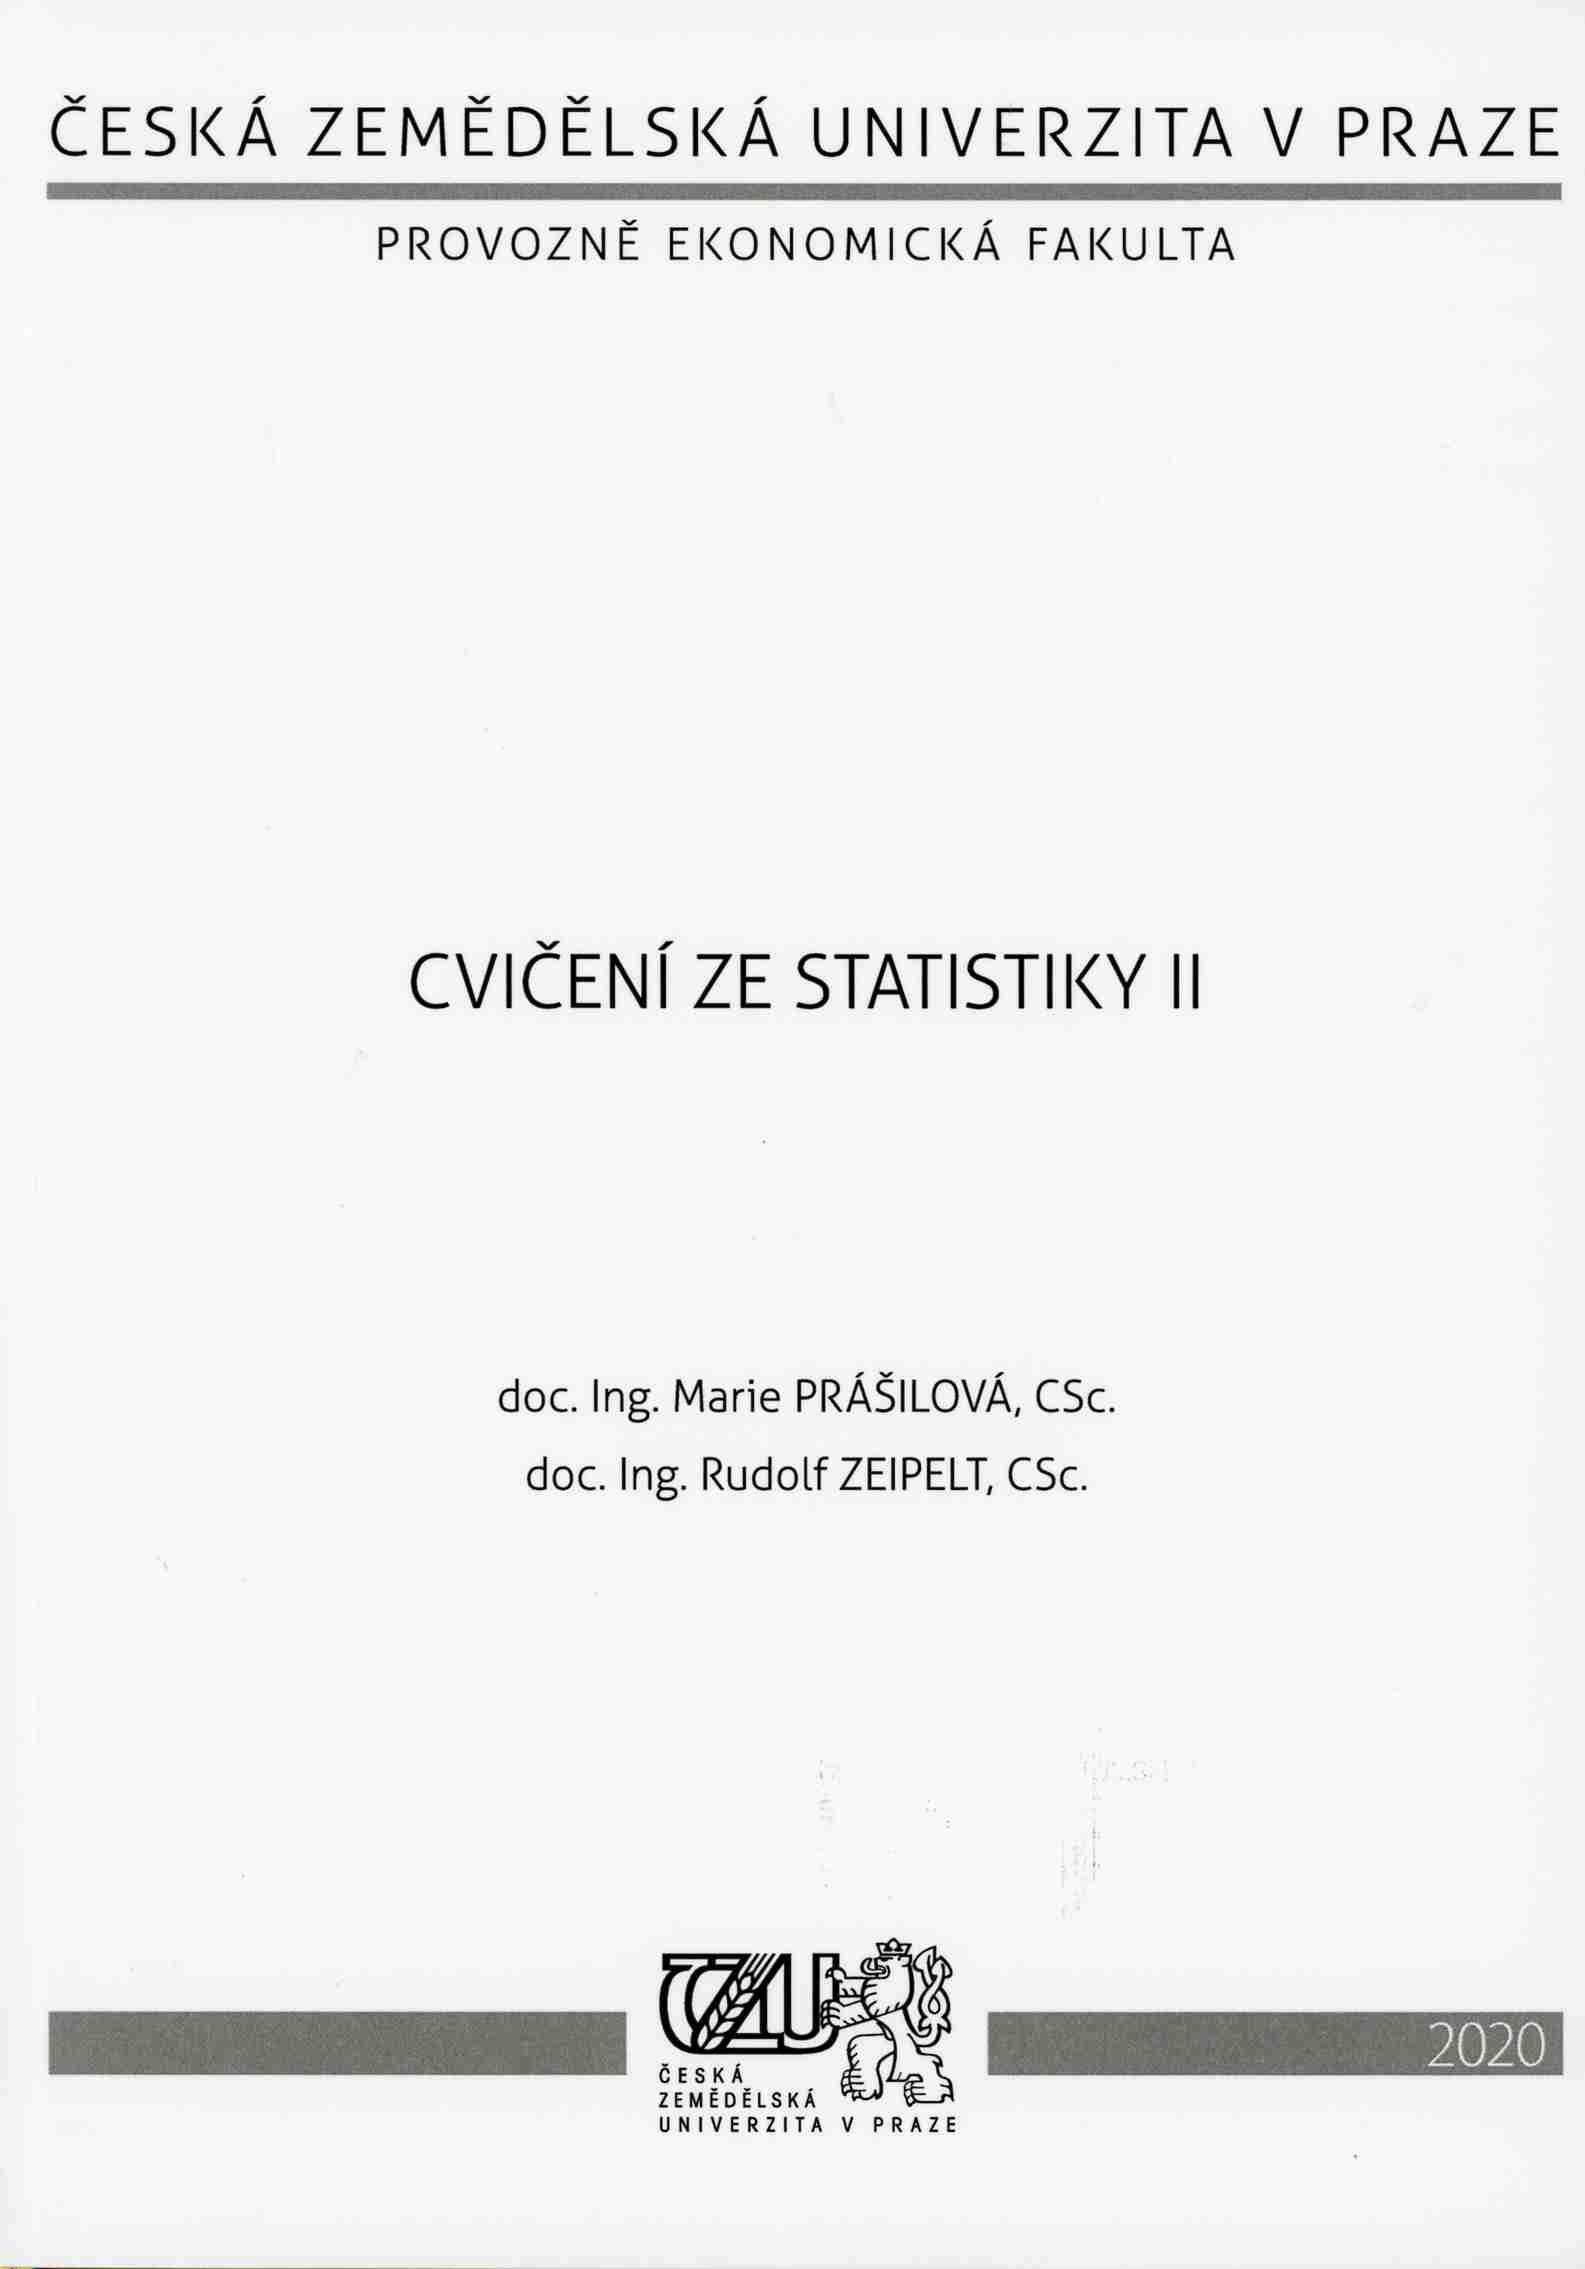 Cvičení ze statistiky II